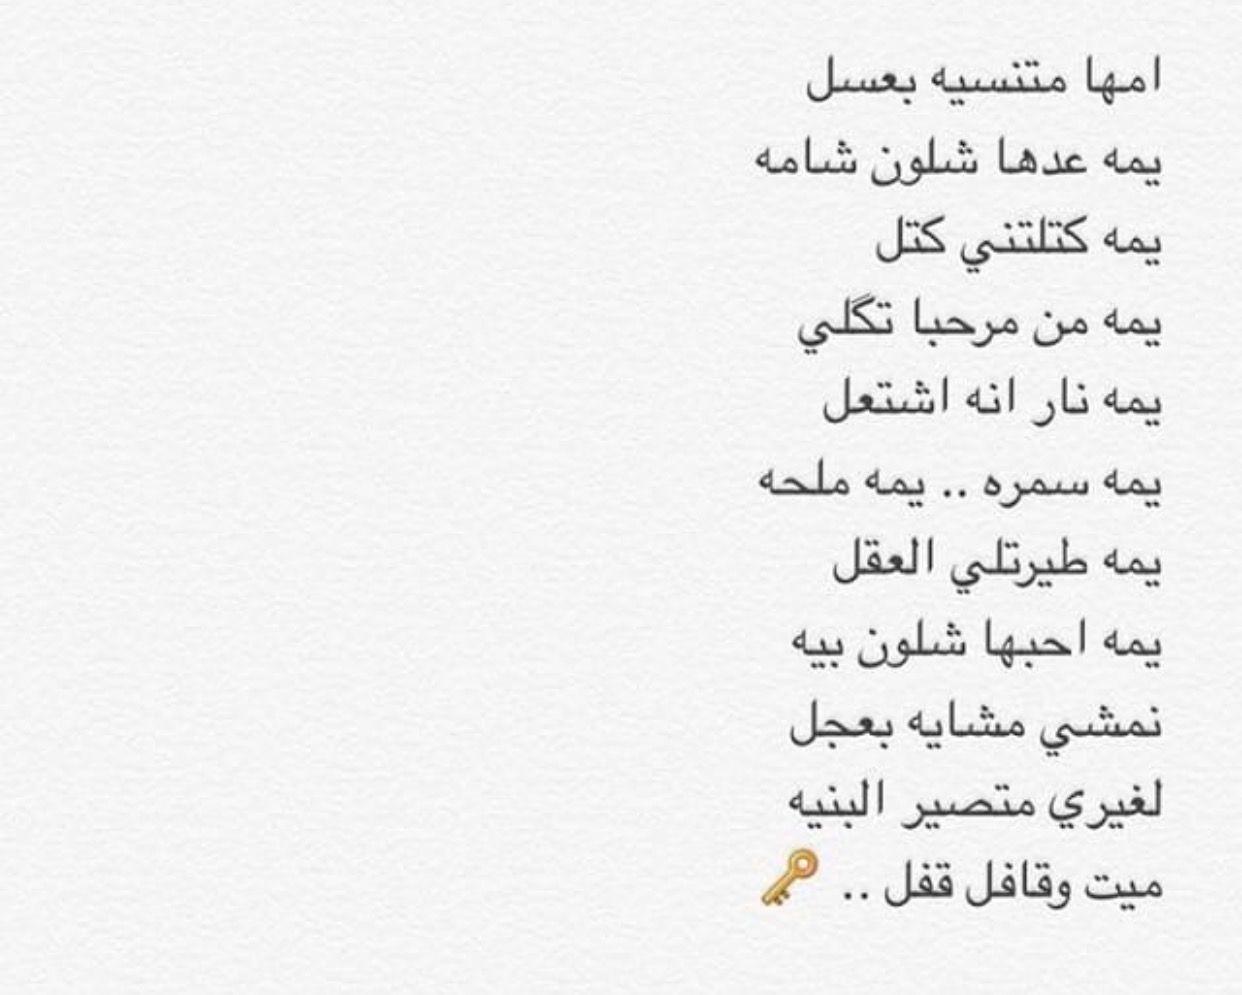 صوره شعر حب عراقي , اجمل الاشعار العراقية المكتوبة 2019